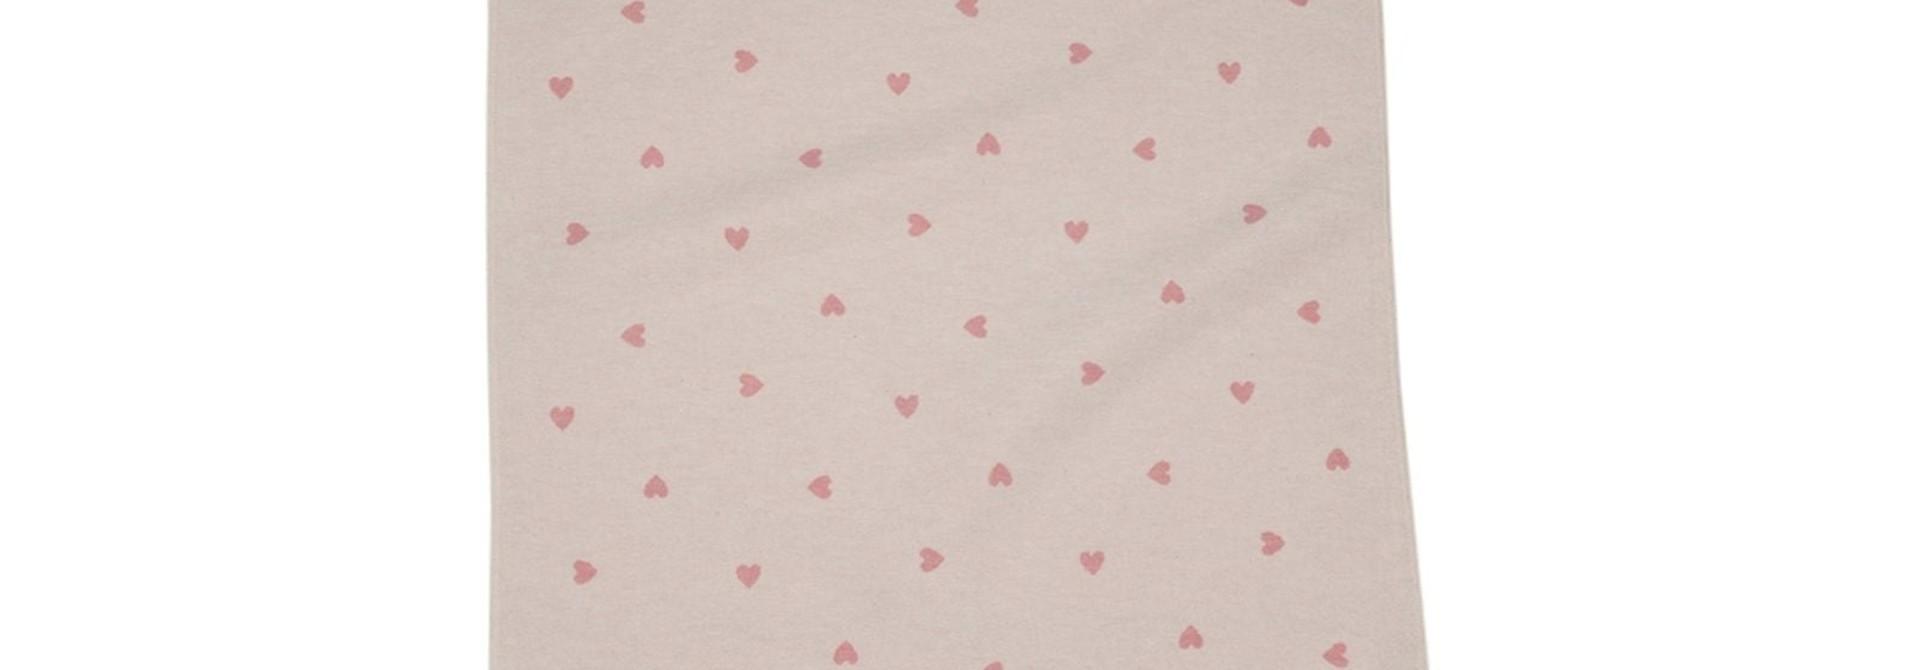 Baby Blanket - Heart - Pink